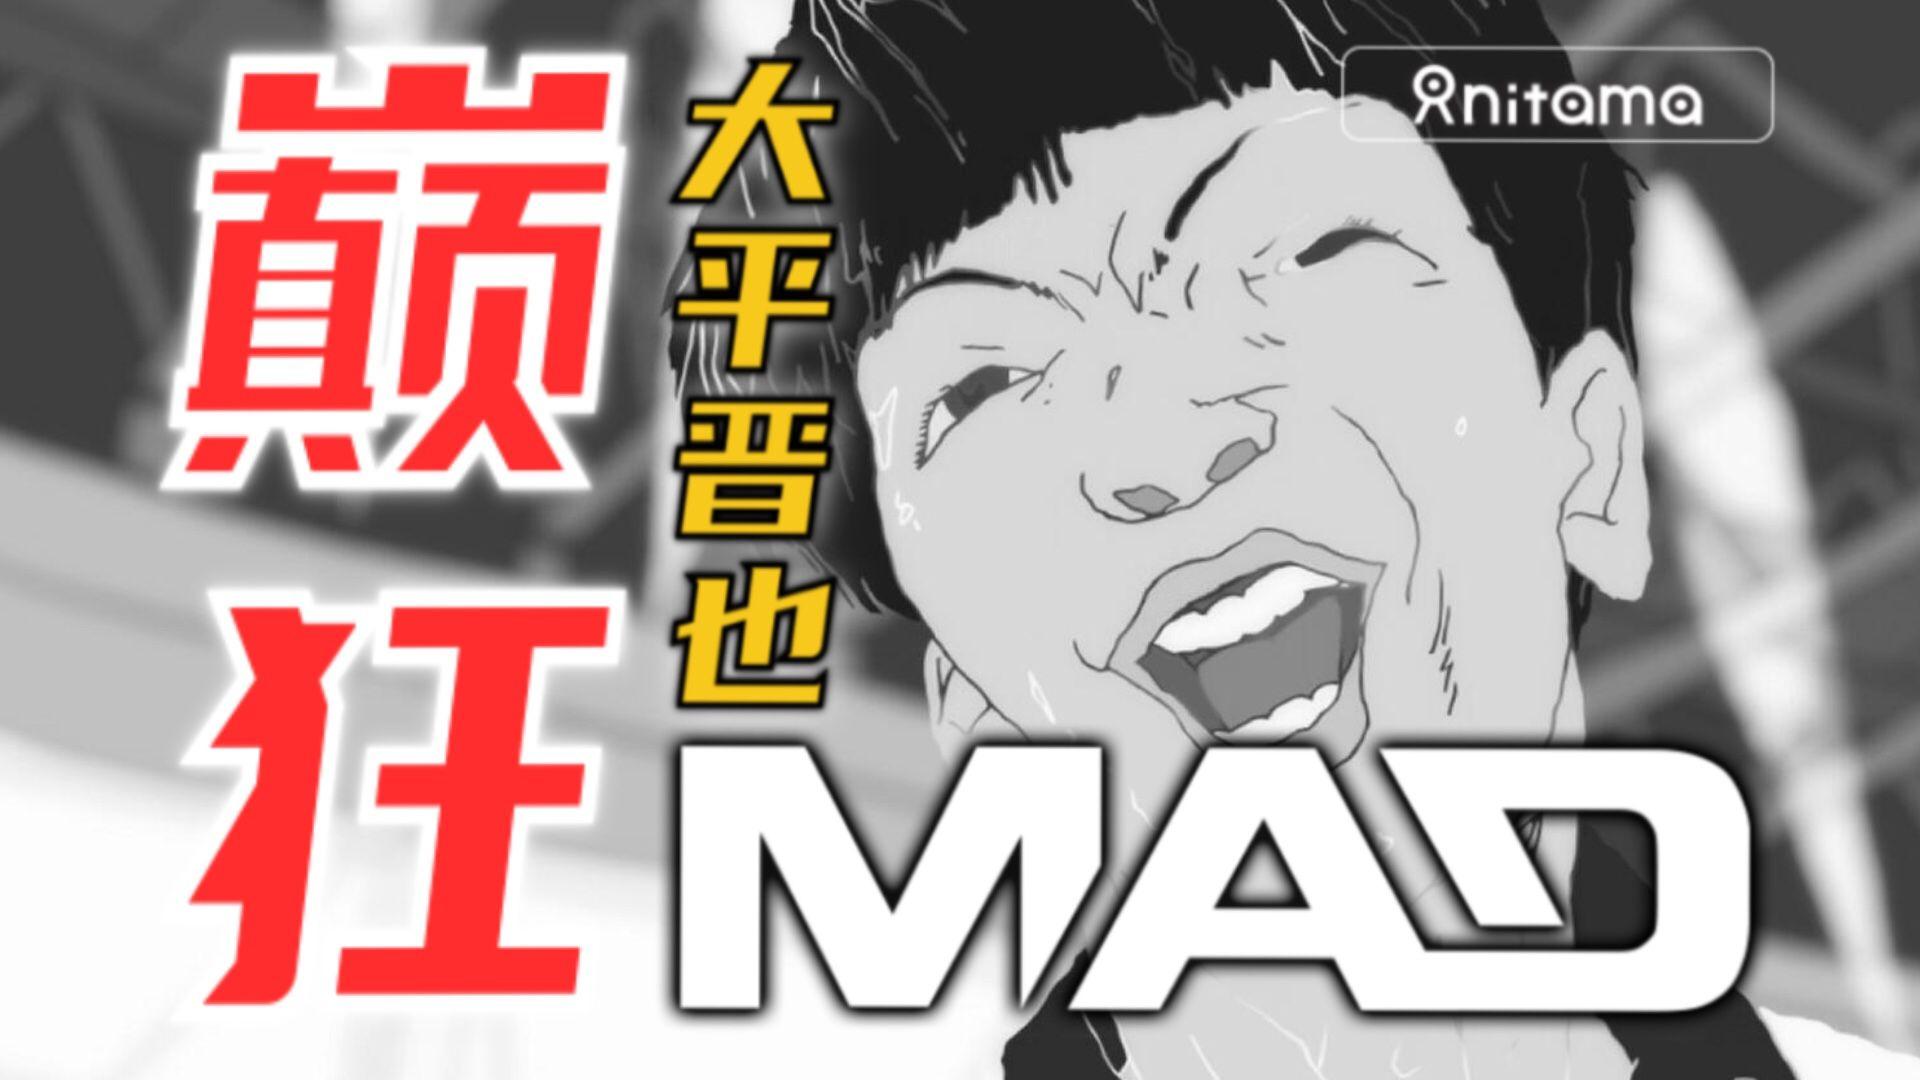 日本动画最巅狂的原画师——原画师大平晋也作画MAD【大师级原画师MAD补完计划】